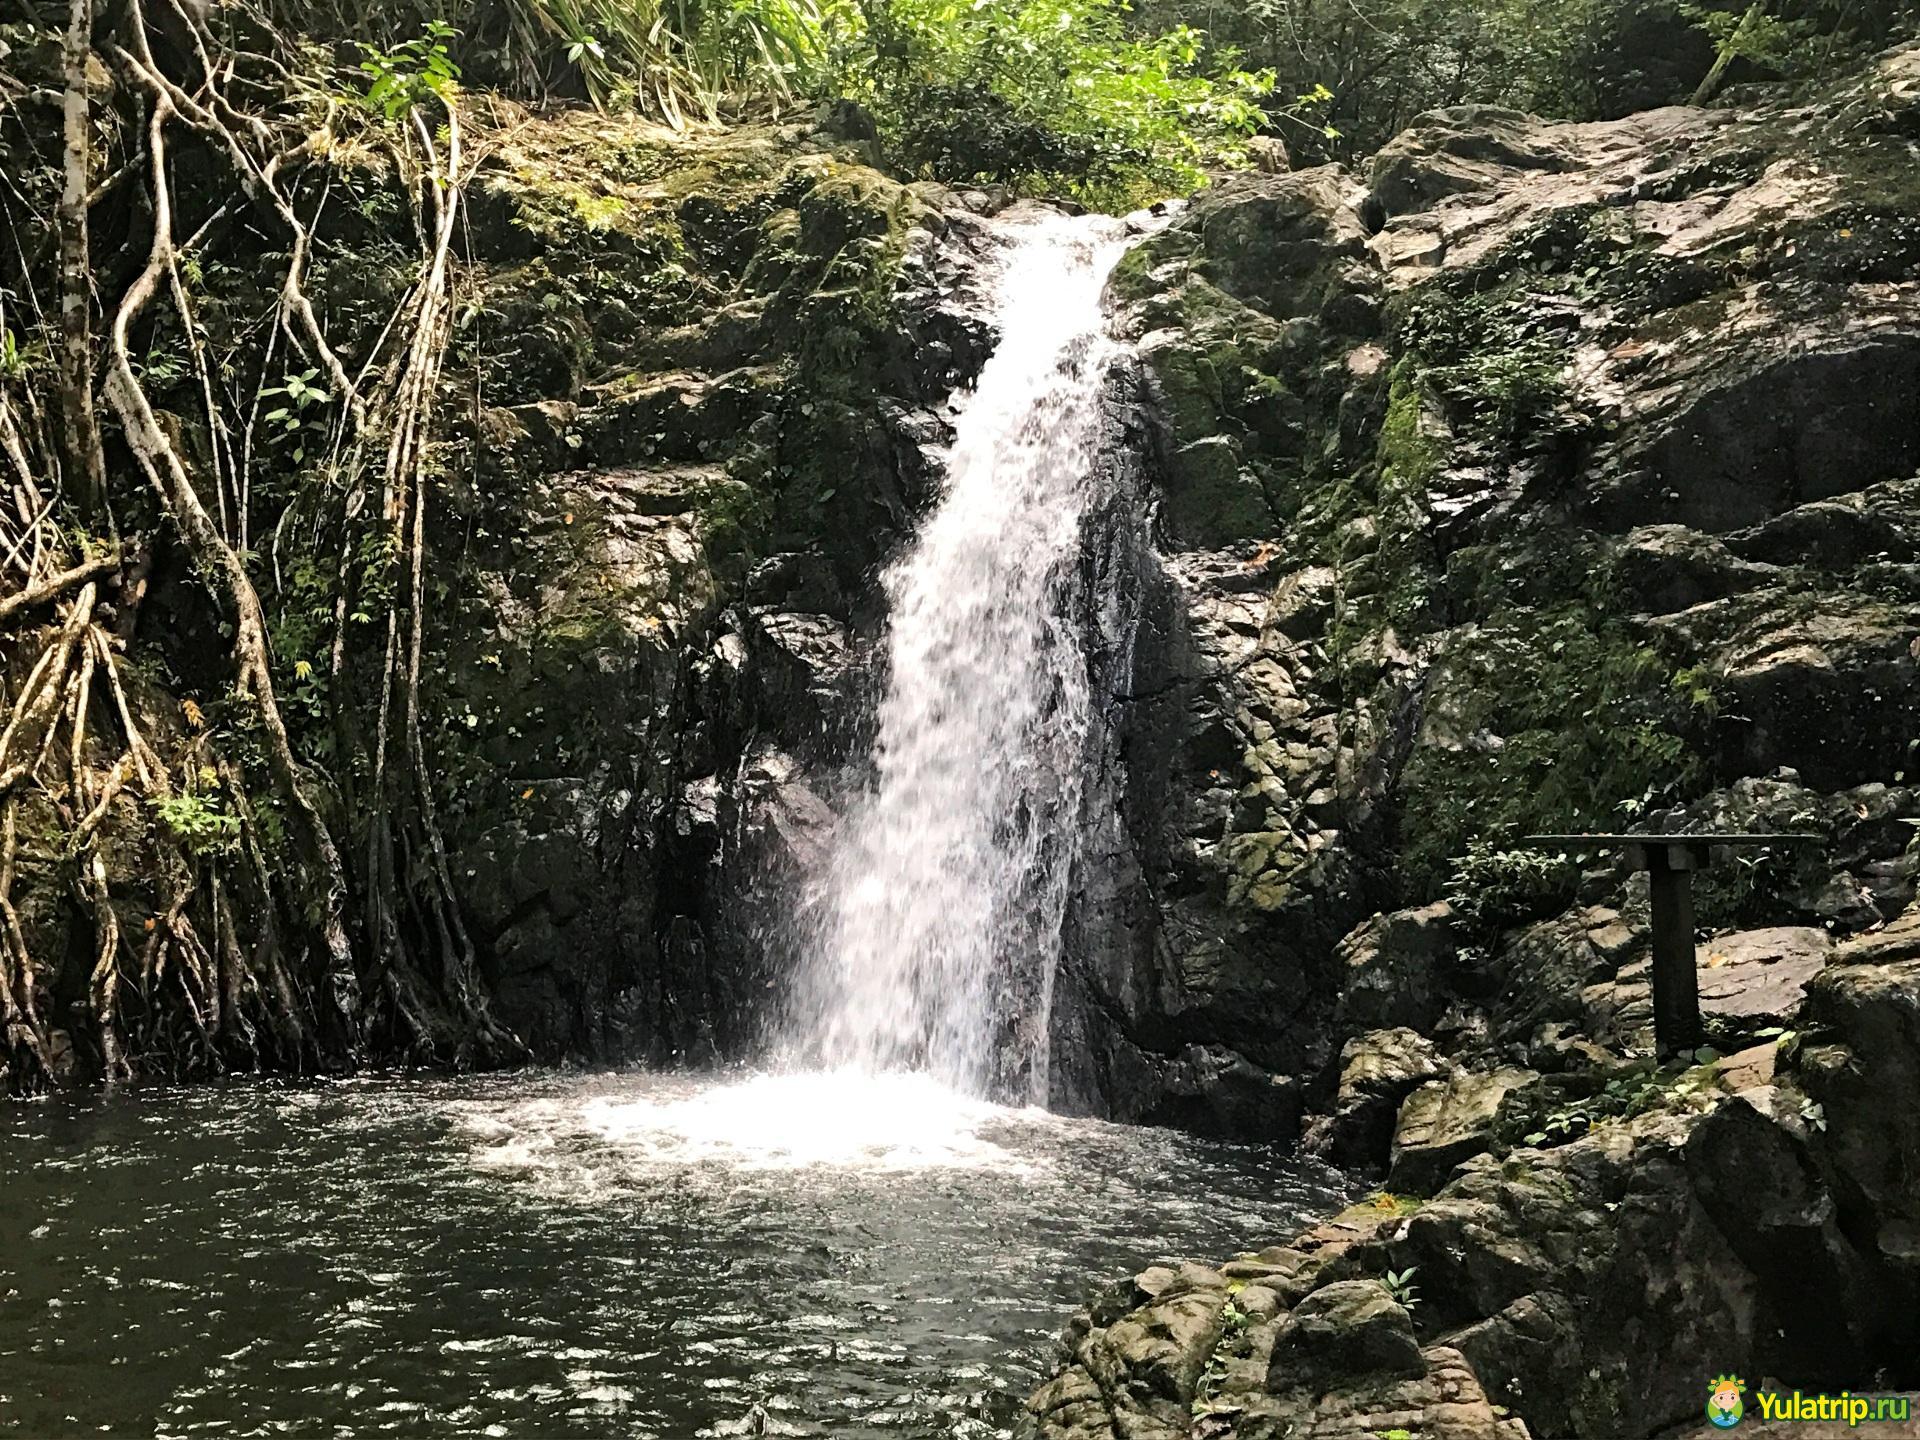 водопад nagkalit kalit эль нидо